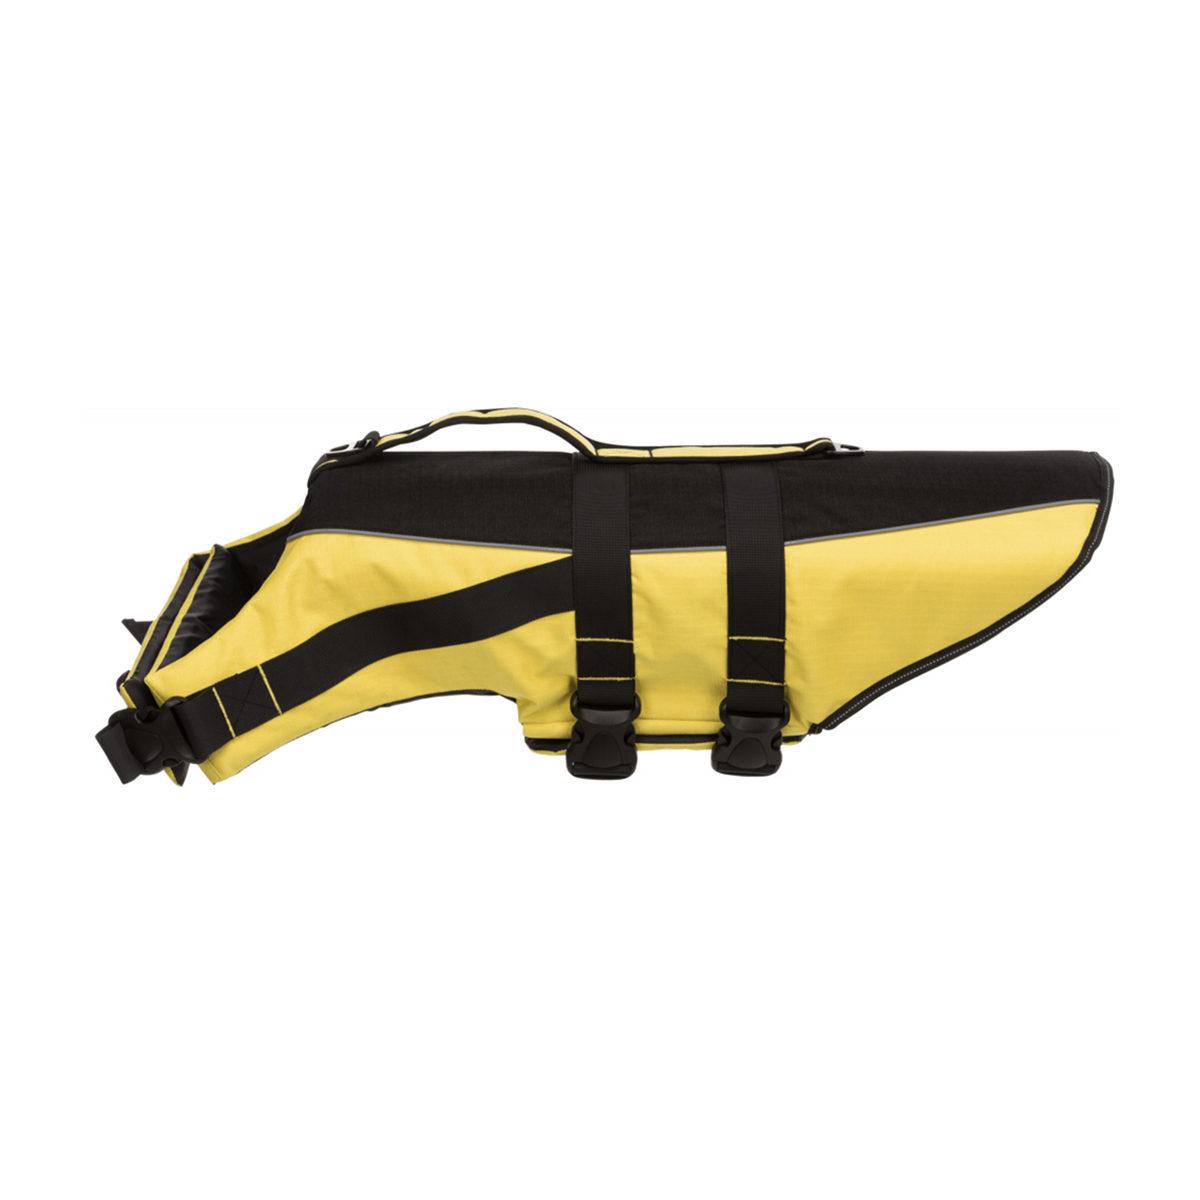 Hondenzwemvest XL Geel-Zwart